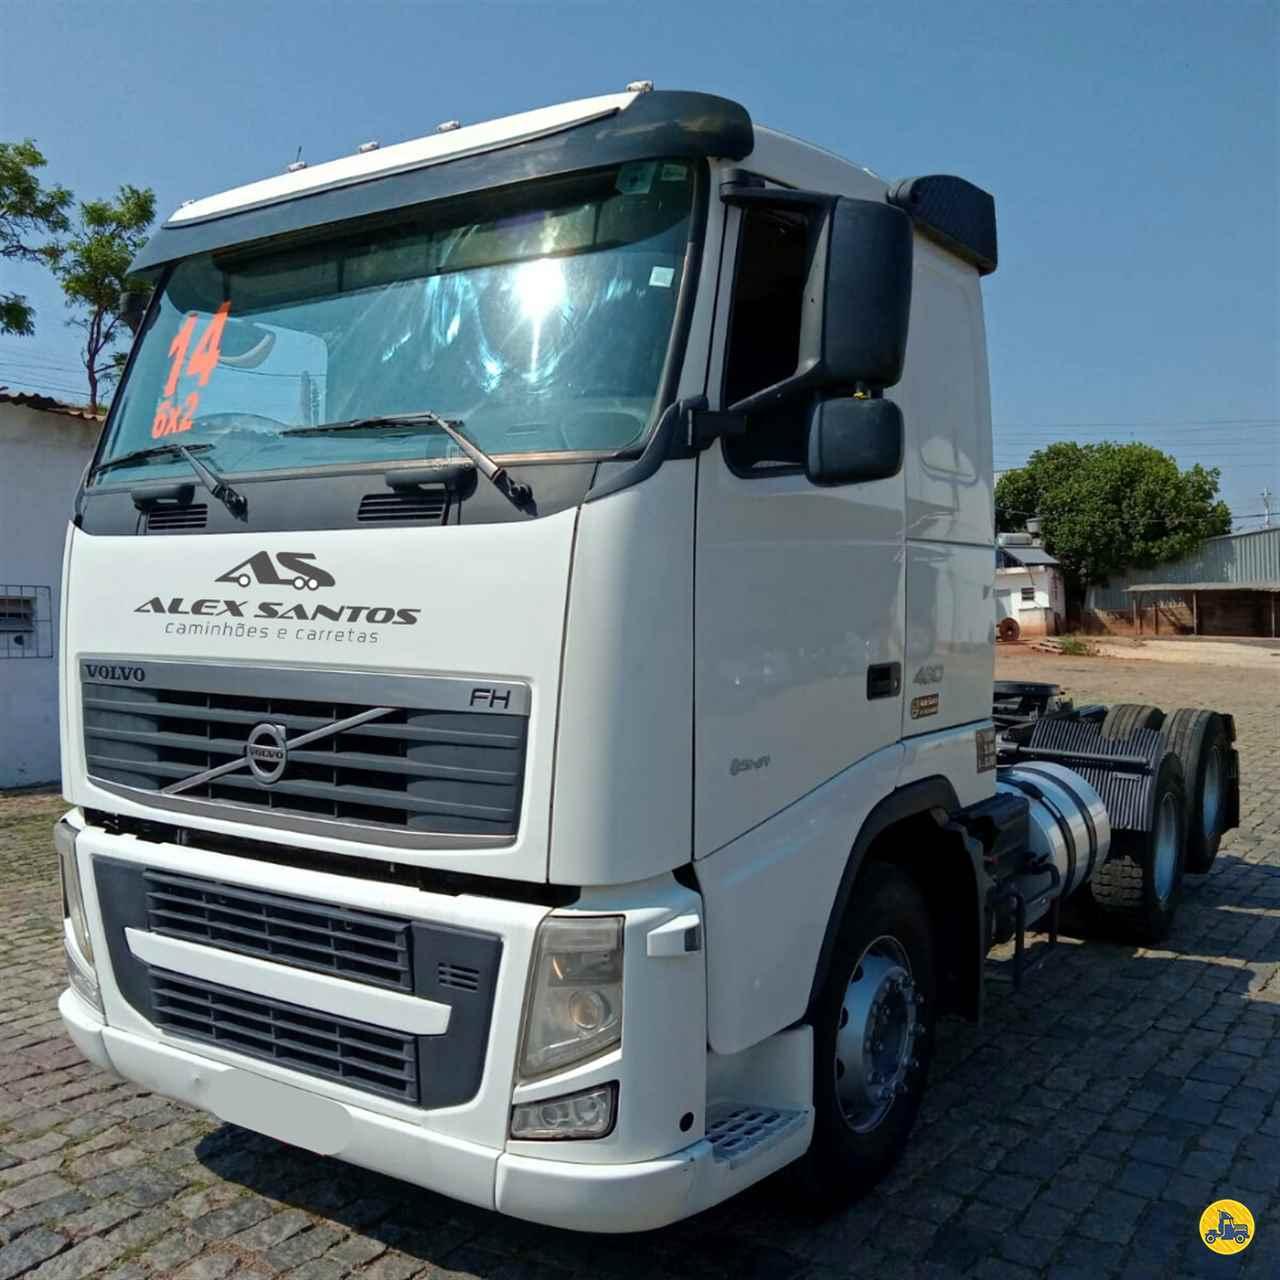 CAMINHAO VOLVO VOLVO FH 460 Cavalo Mecânico Truck 6x2 Alex Santos Caminhões - Pouso Alegre POUSO ALEGRE MINAS GERAIS MG